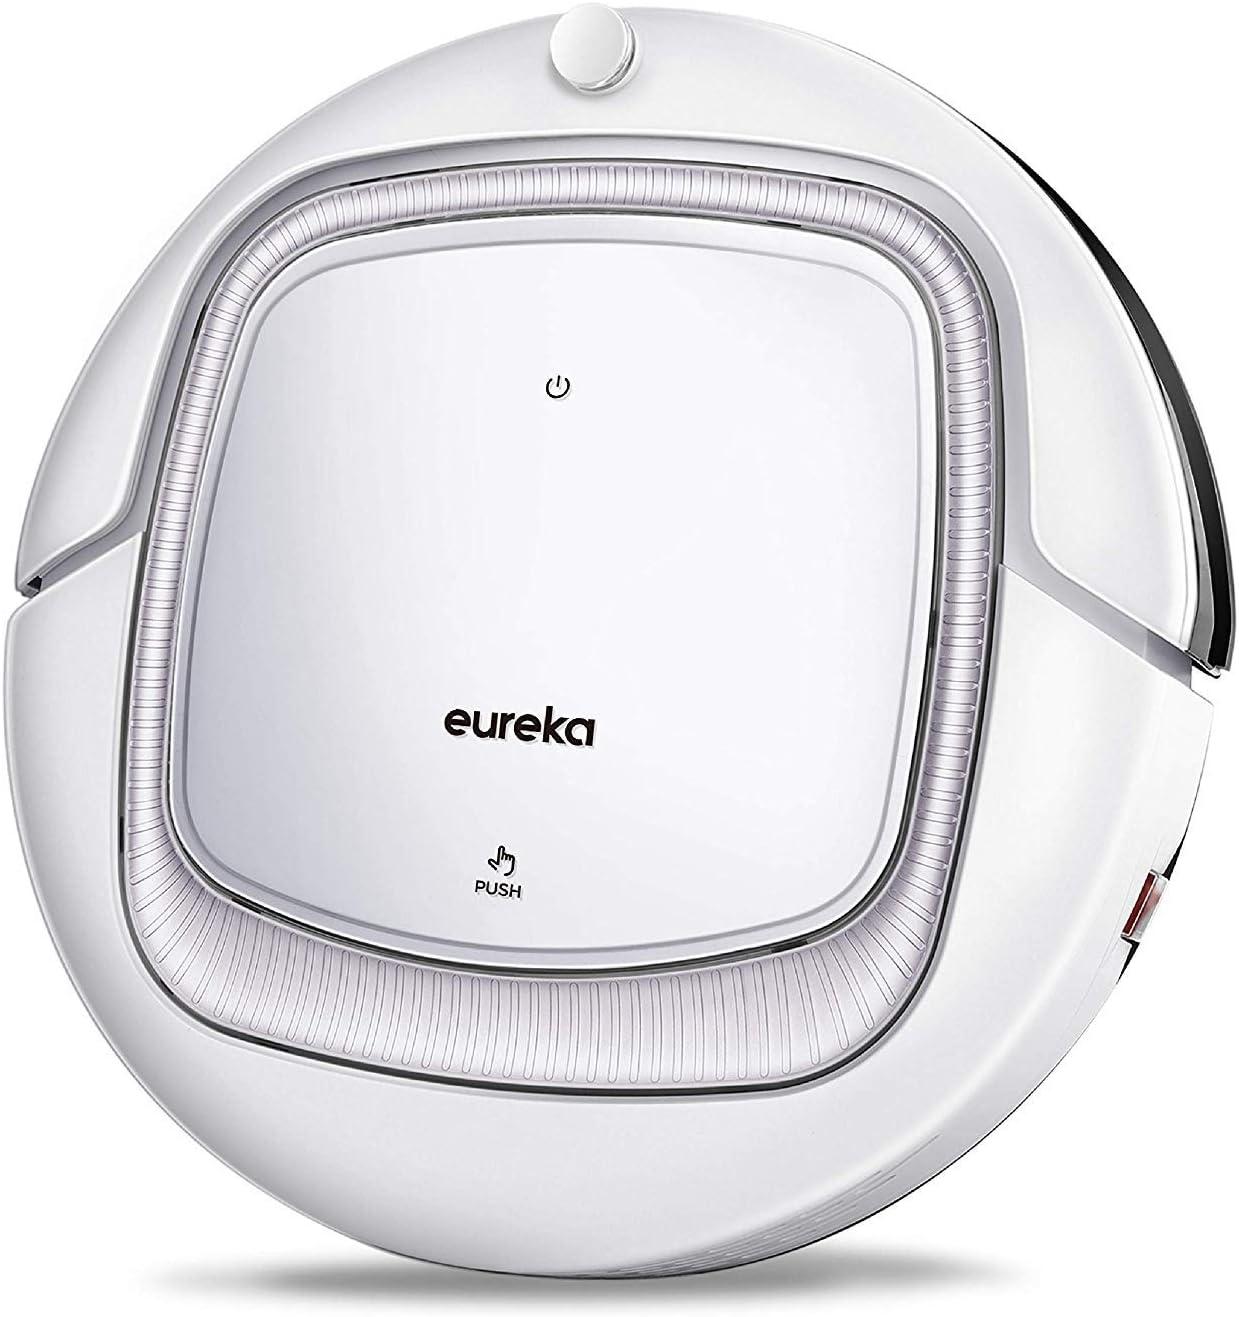 EUREKA i300 Robot Aspirador con Alta Succión, Suelos Duros y Alfombras Finas, Atrapar Pelo de Mascota, Sensores de Anticaída y Anti-Golpe, Control Remoto, Auto-Carga, Programable: Amazon.es: Hogar